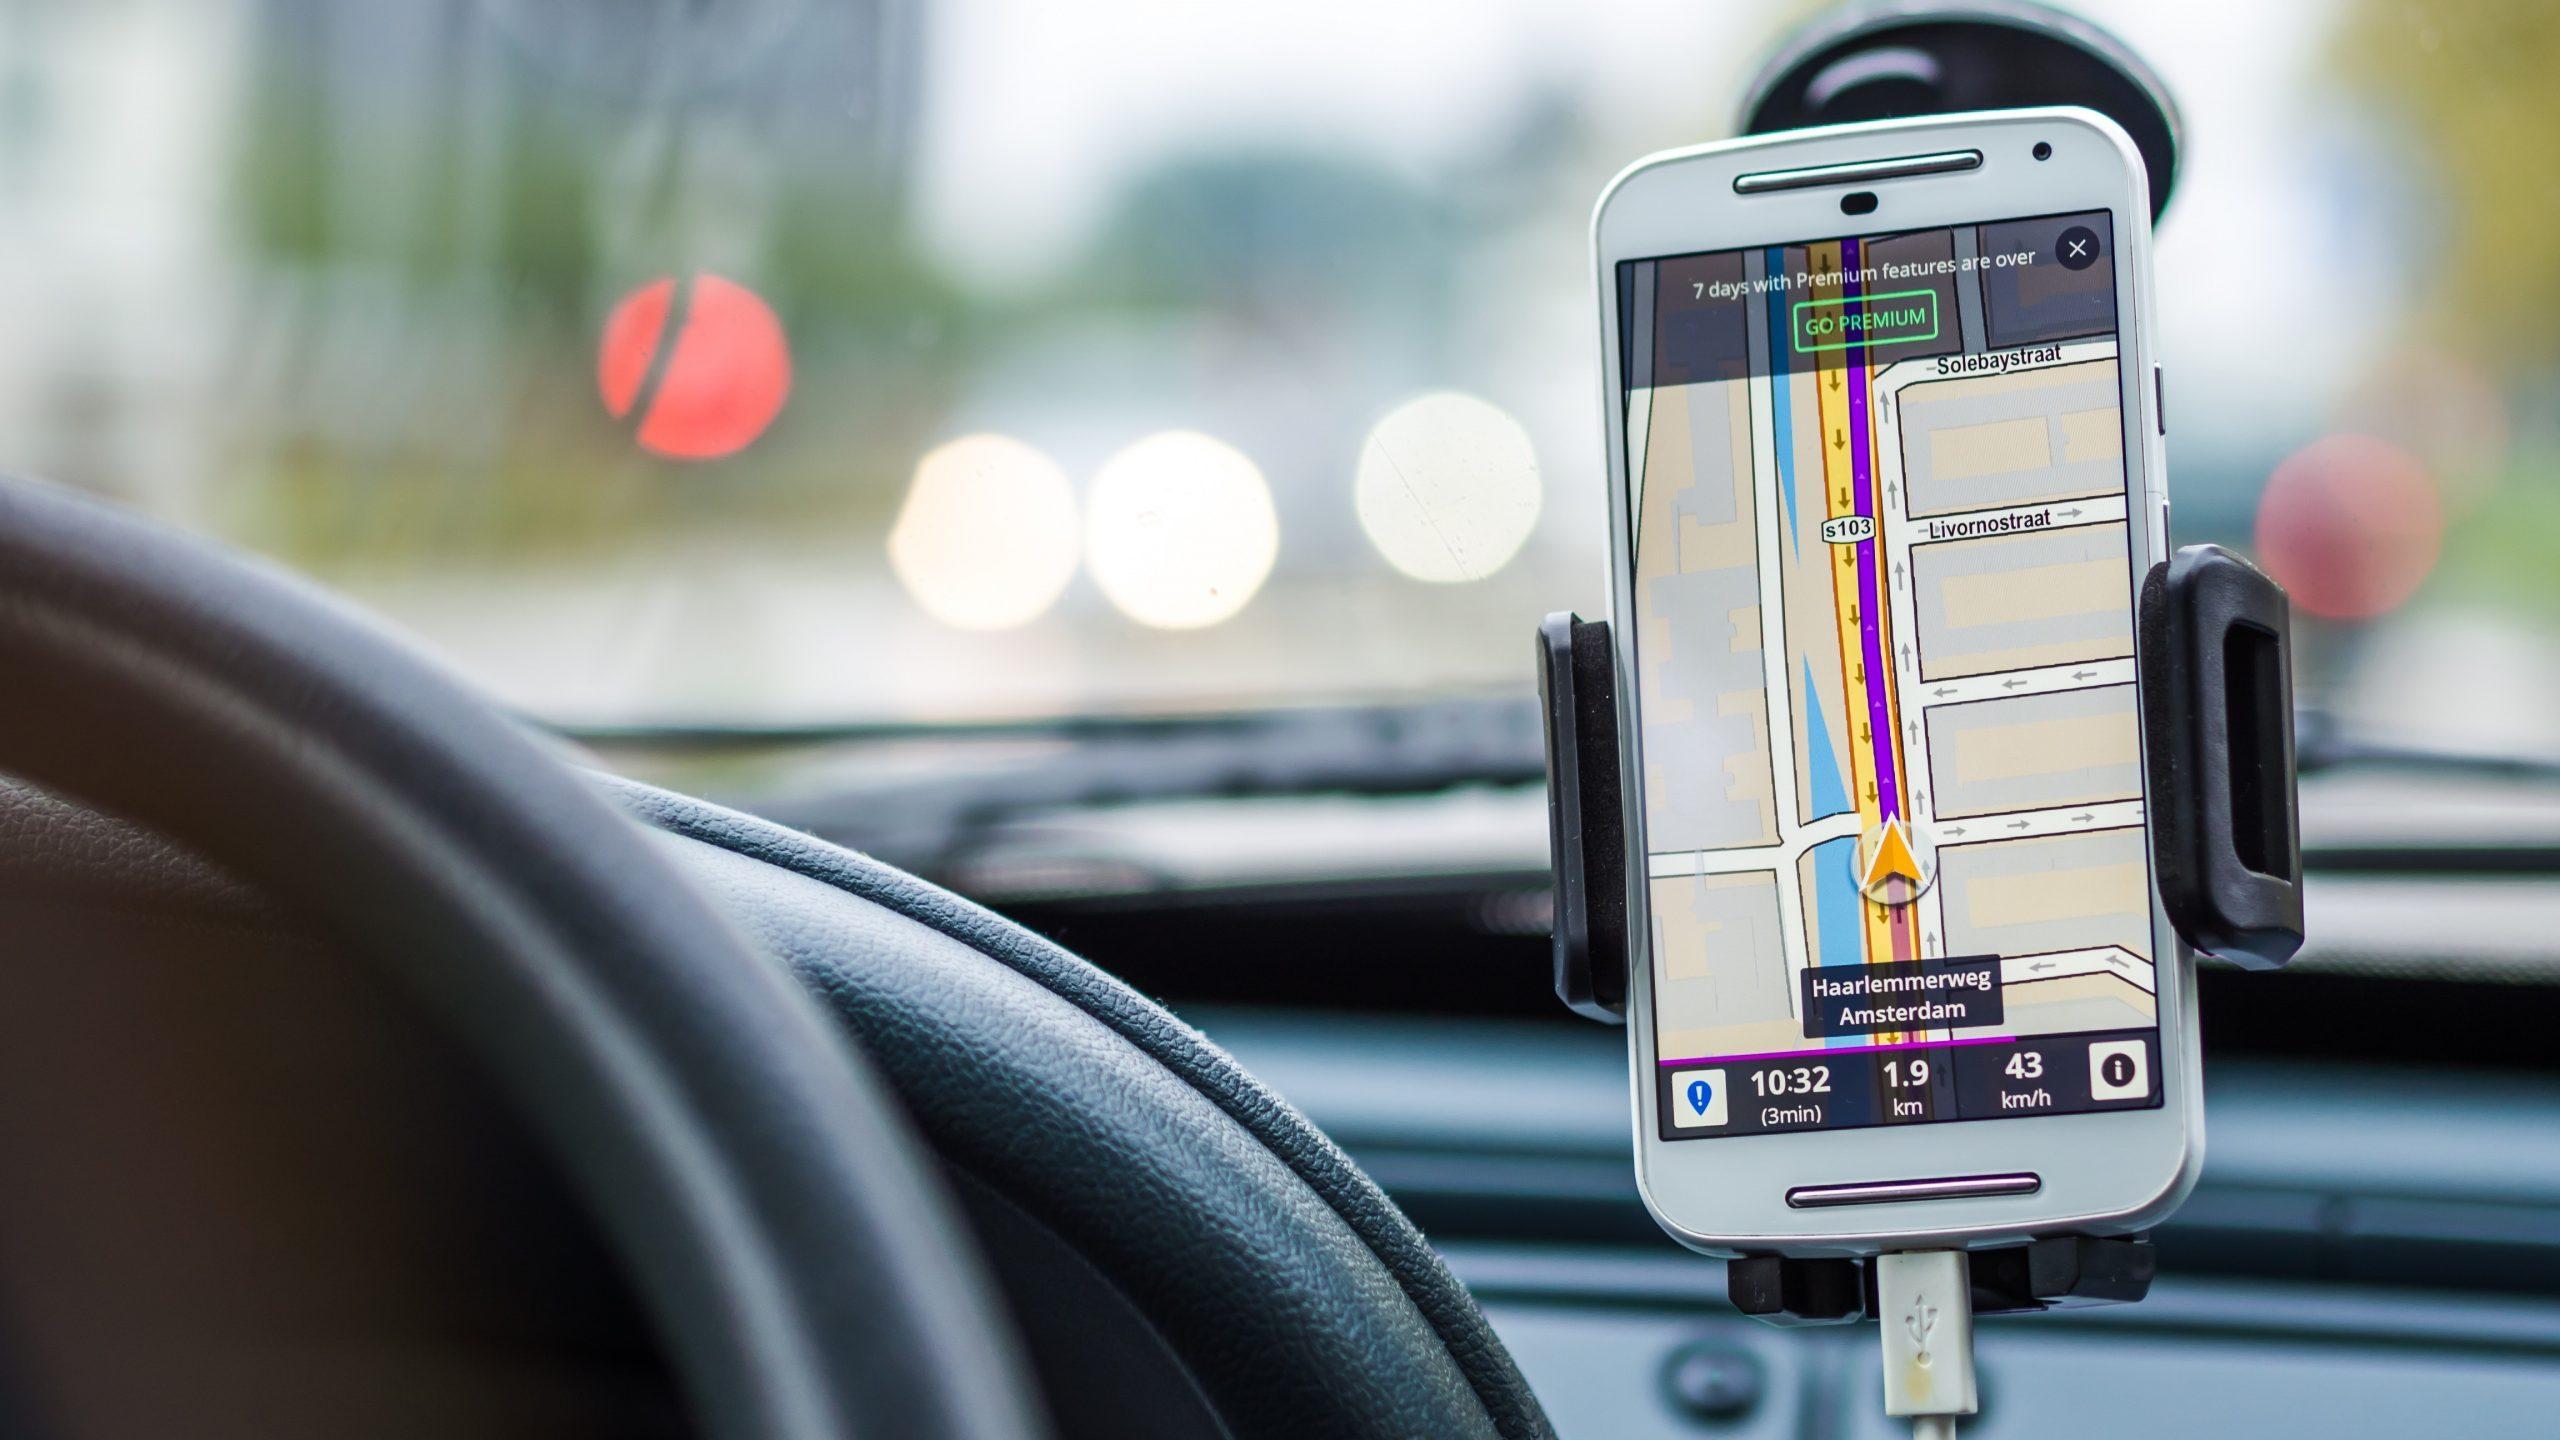 Hoeveel bereik kost het opladen van je telefoon in een EV